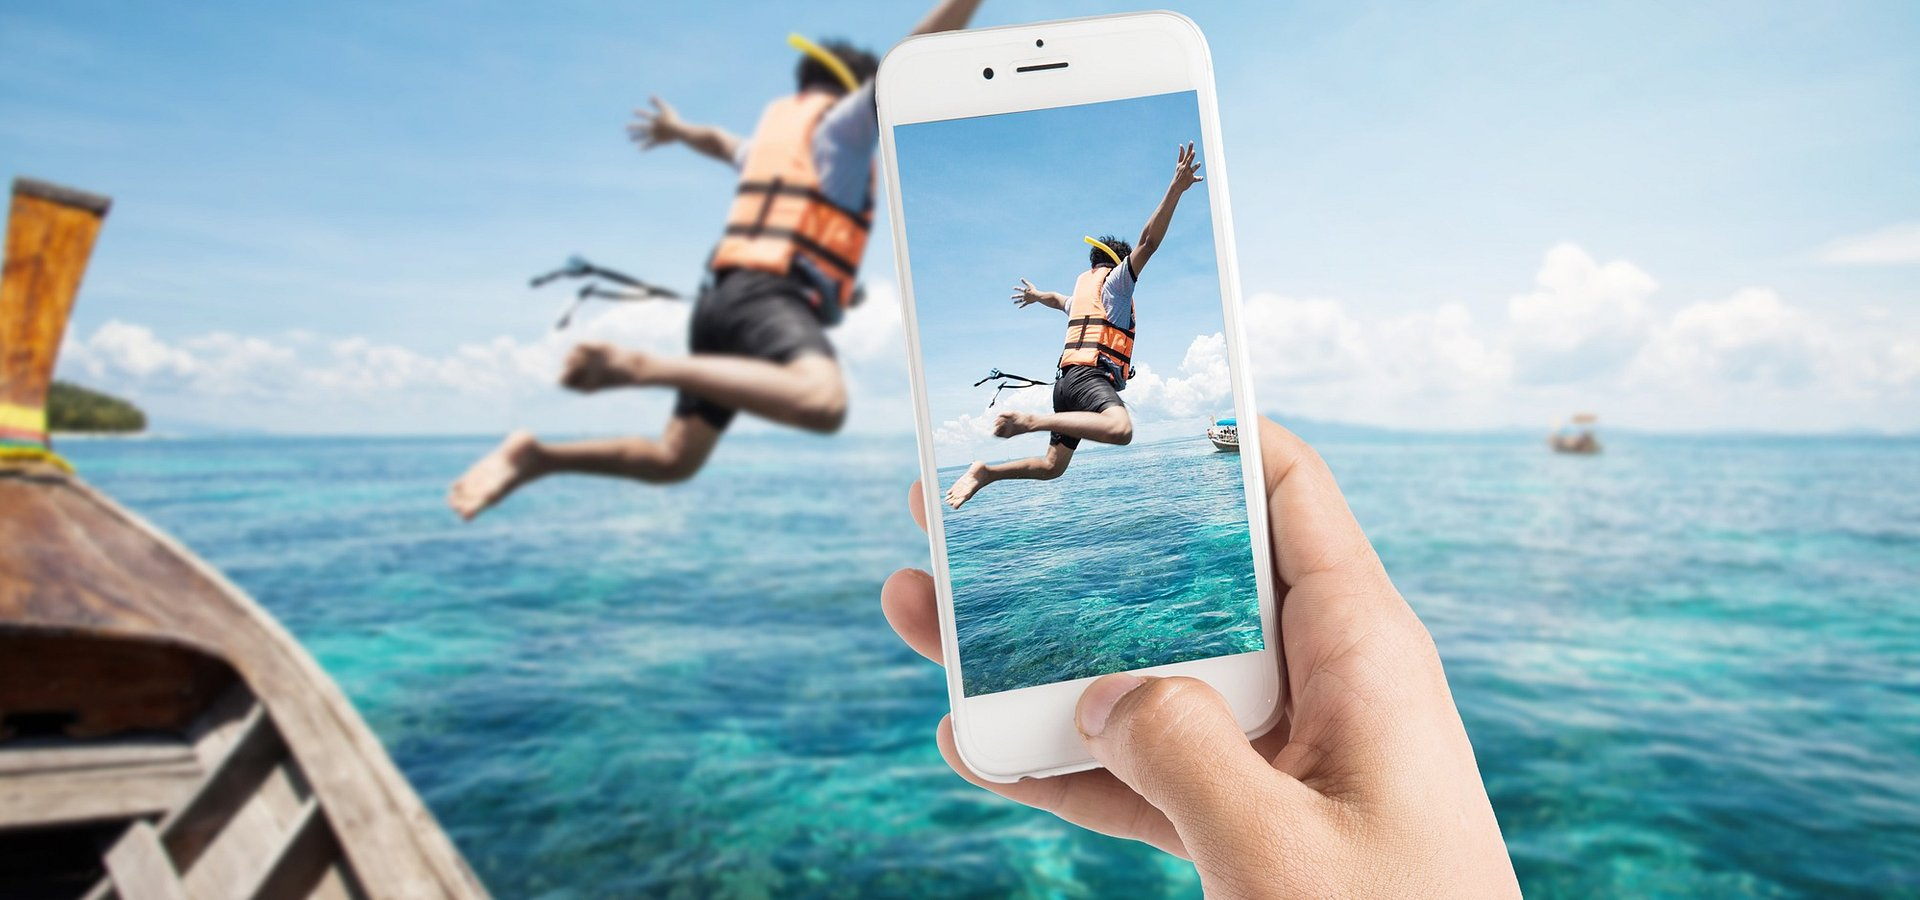 5 aplikacji na telefon, które pozwalają nakładać na zdjęcia niezwykłe efekty